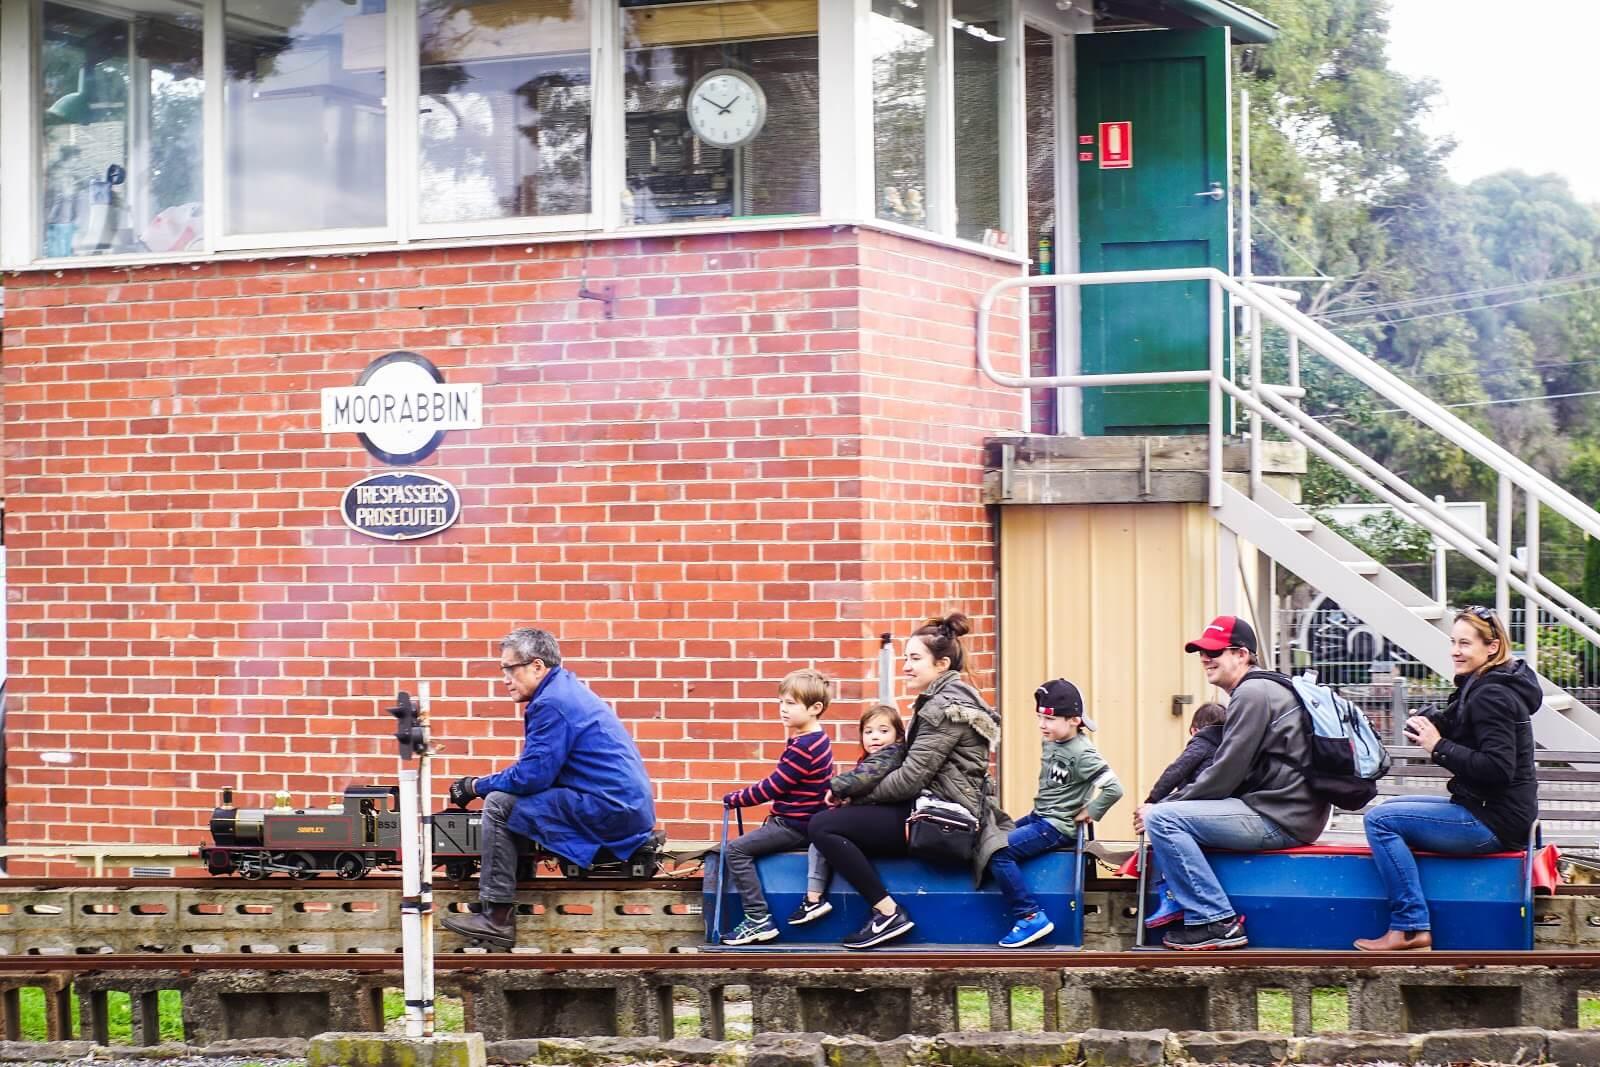 Moorabbin Miniature Railway